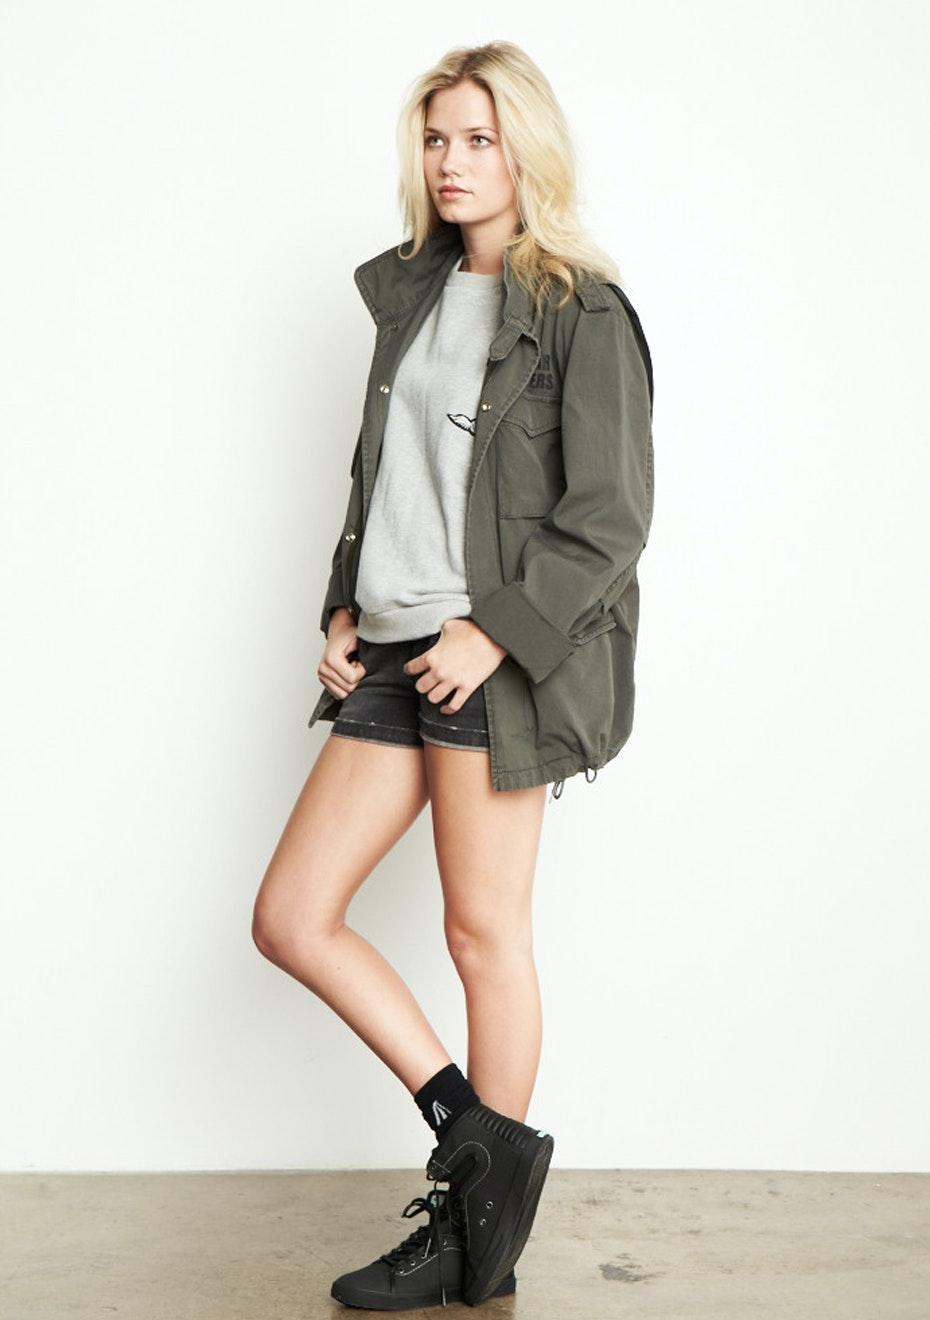 Achro - Oversized Military Jacket  - Olive